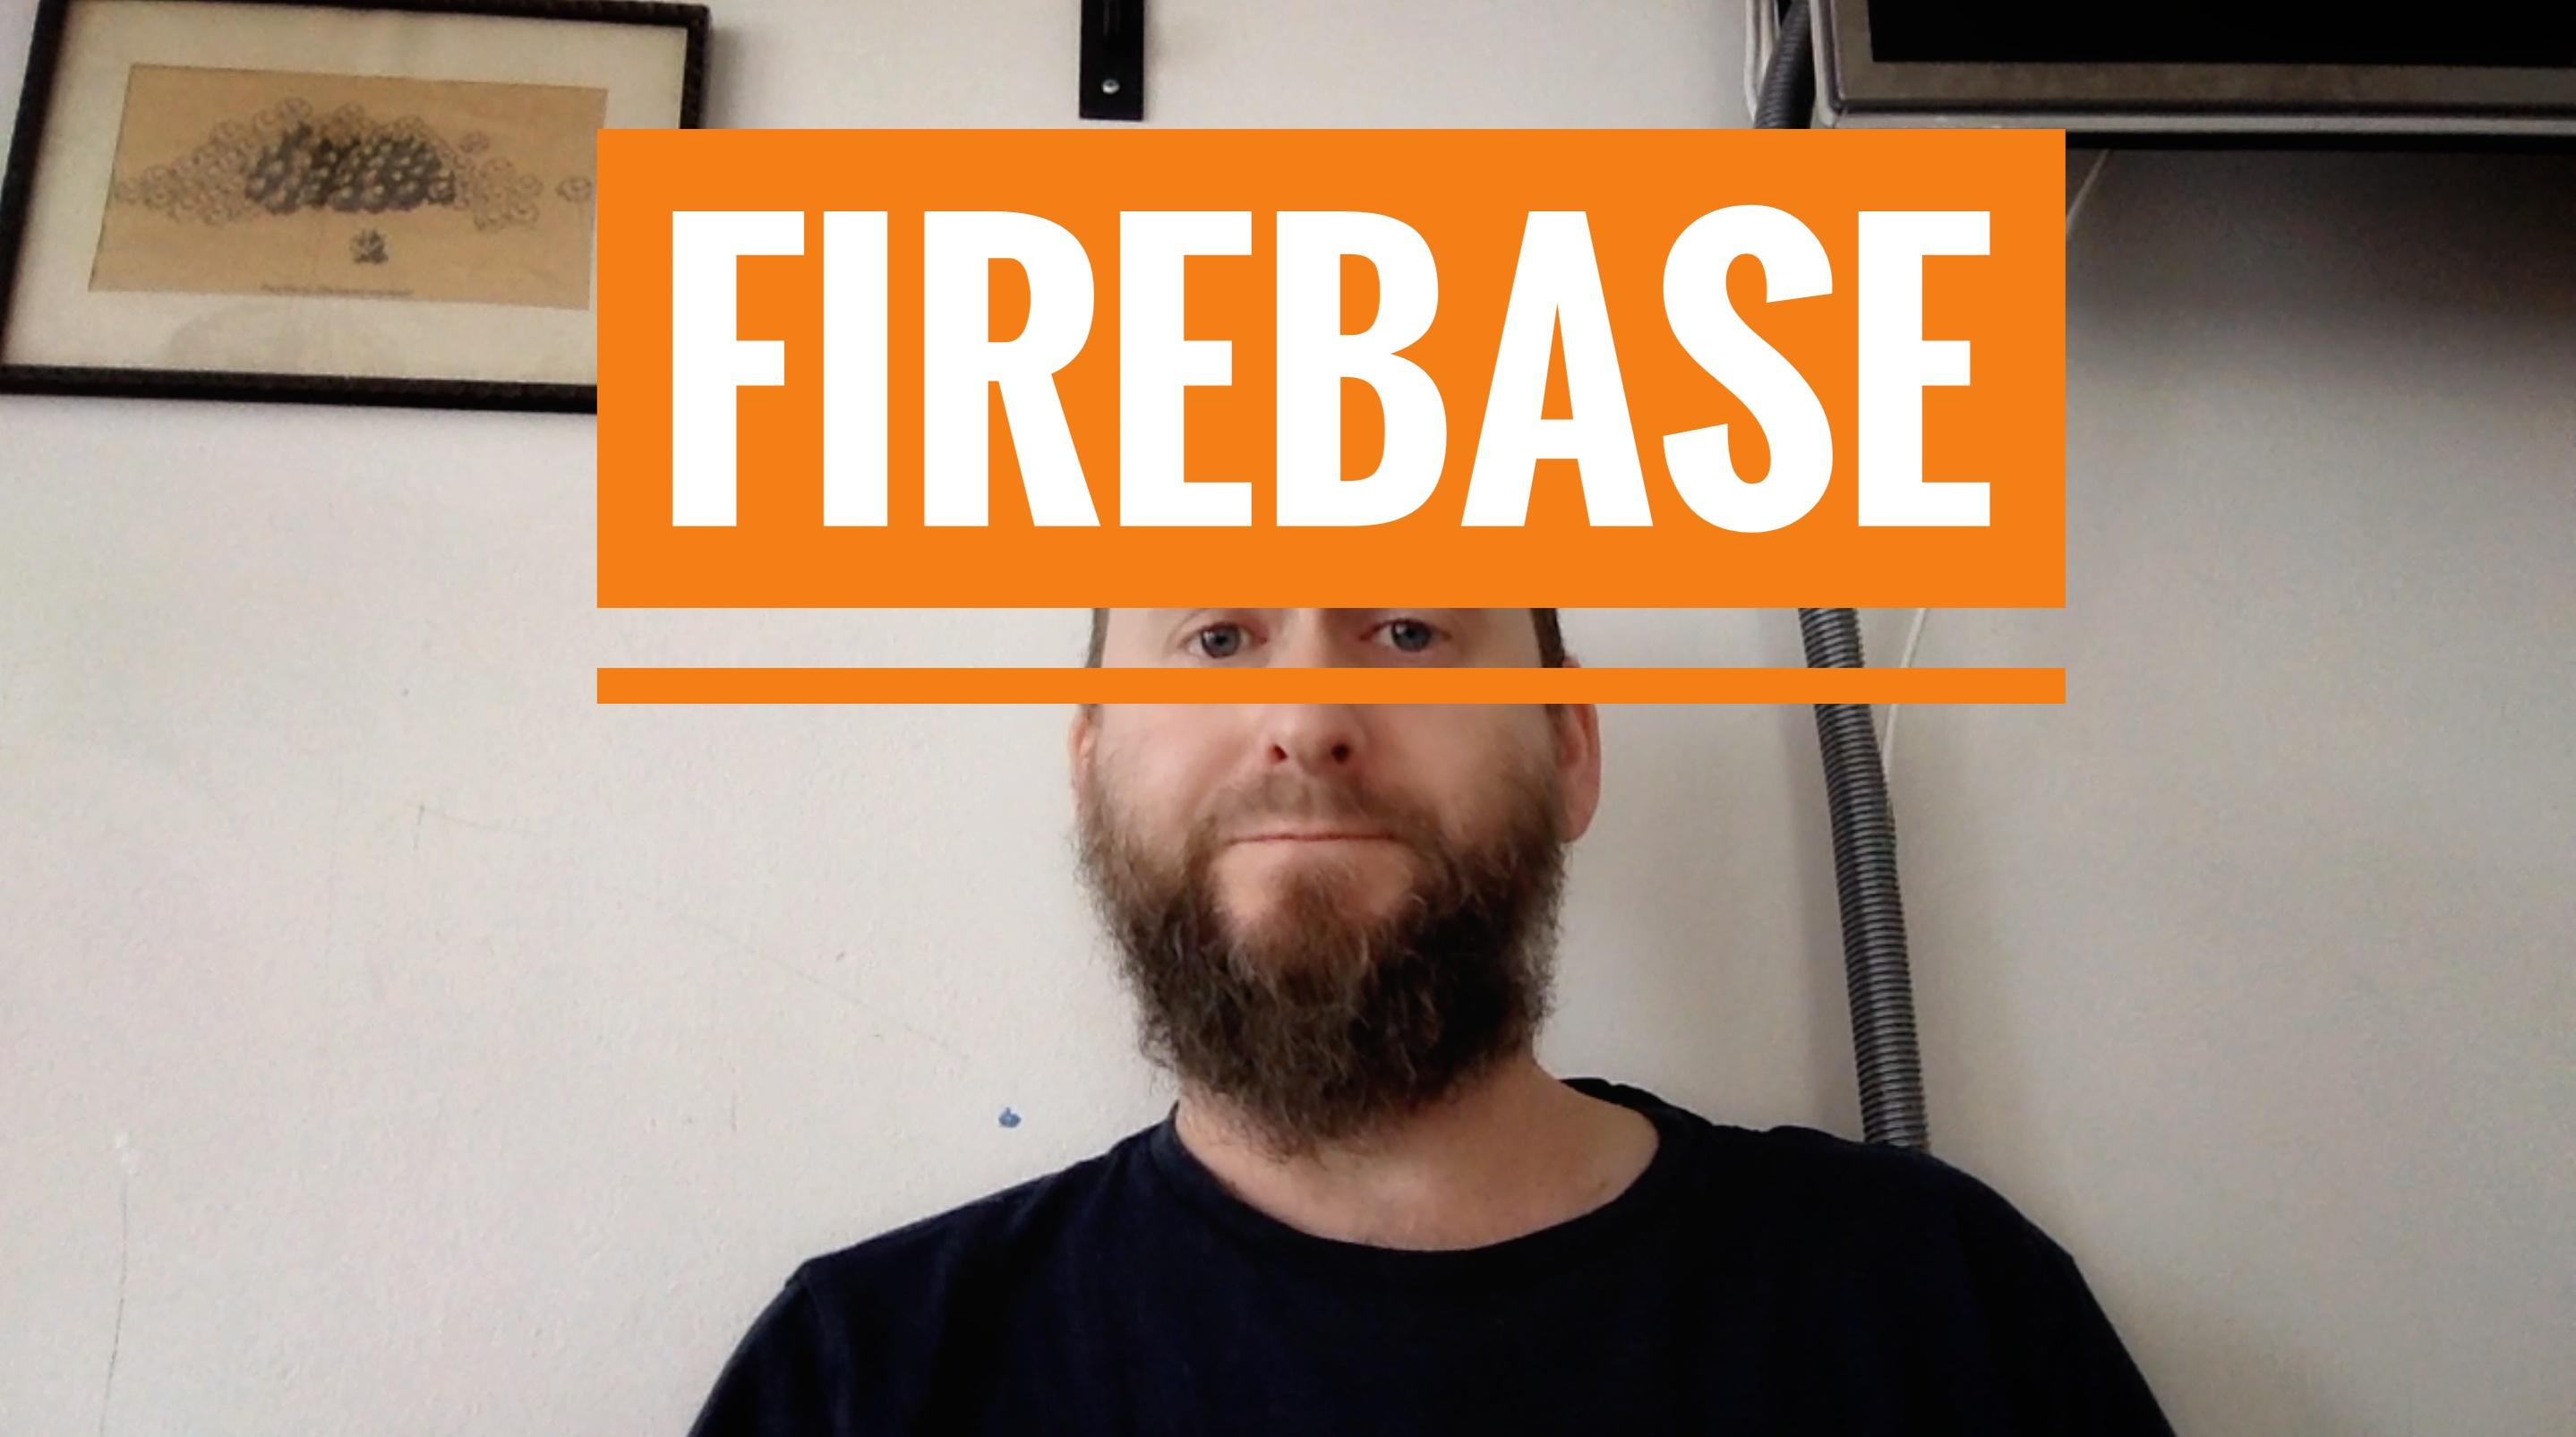 Meine liebsten Firebase Funktionen